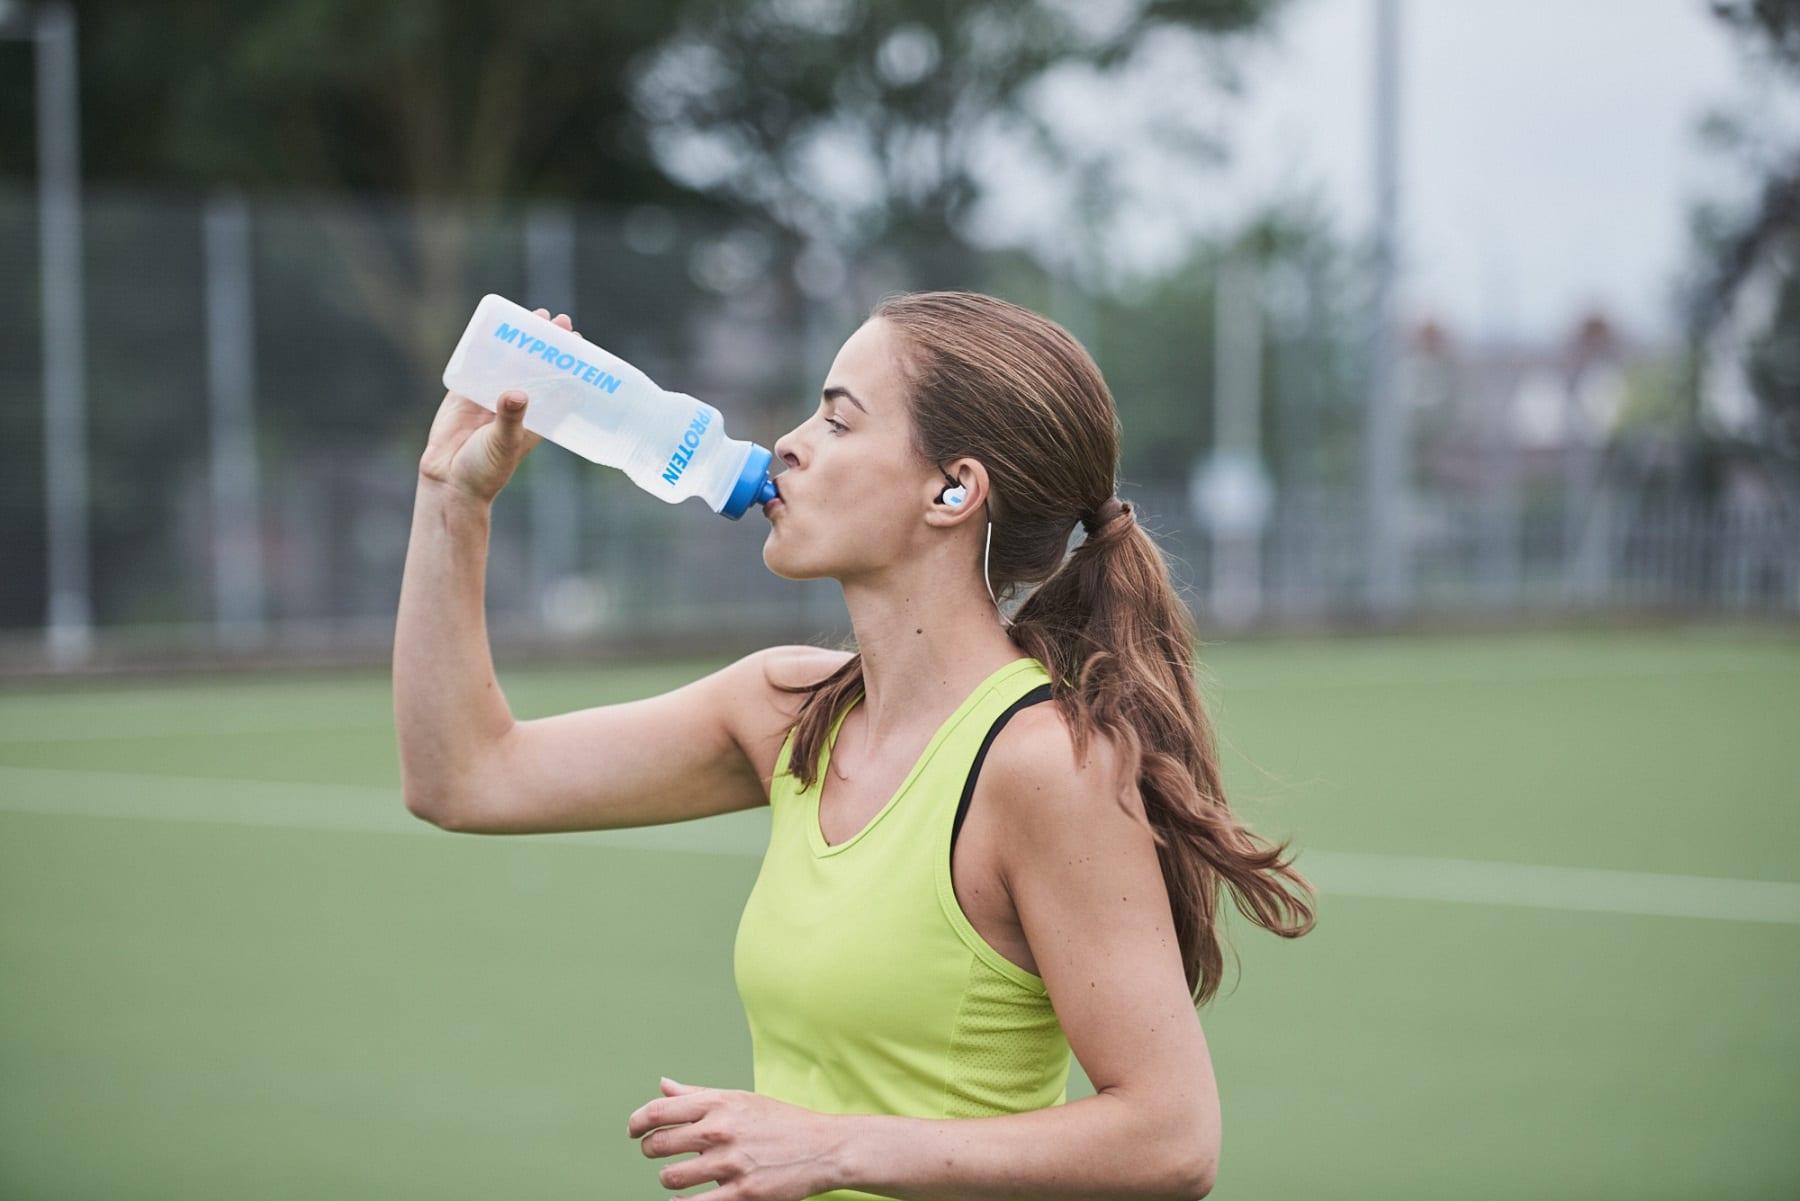 Boire beaucoup d'eau Gabriella Darlington